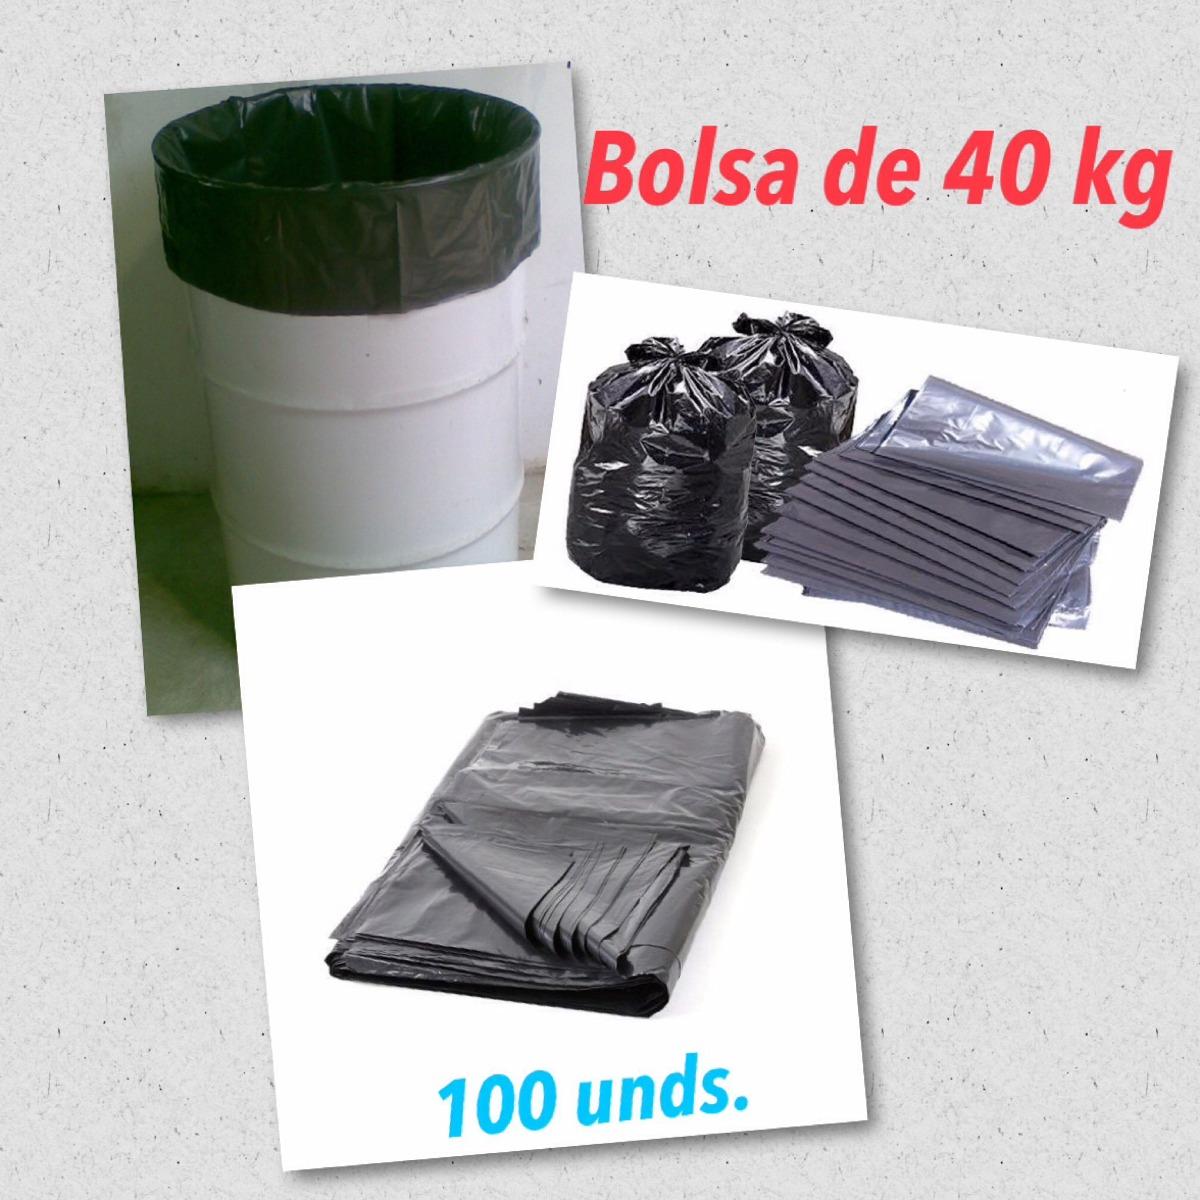 Bolsas plasticas para basura al mejor precio 40kg 30kg en